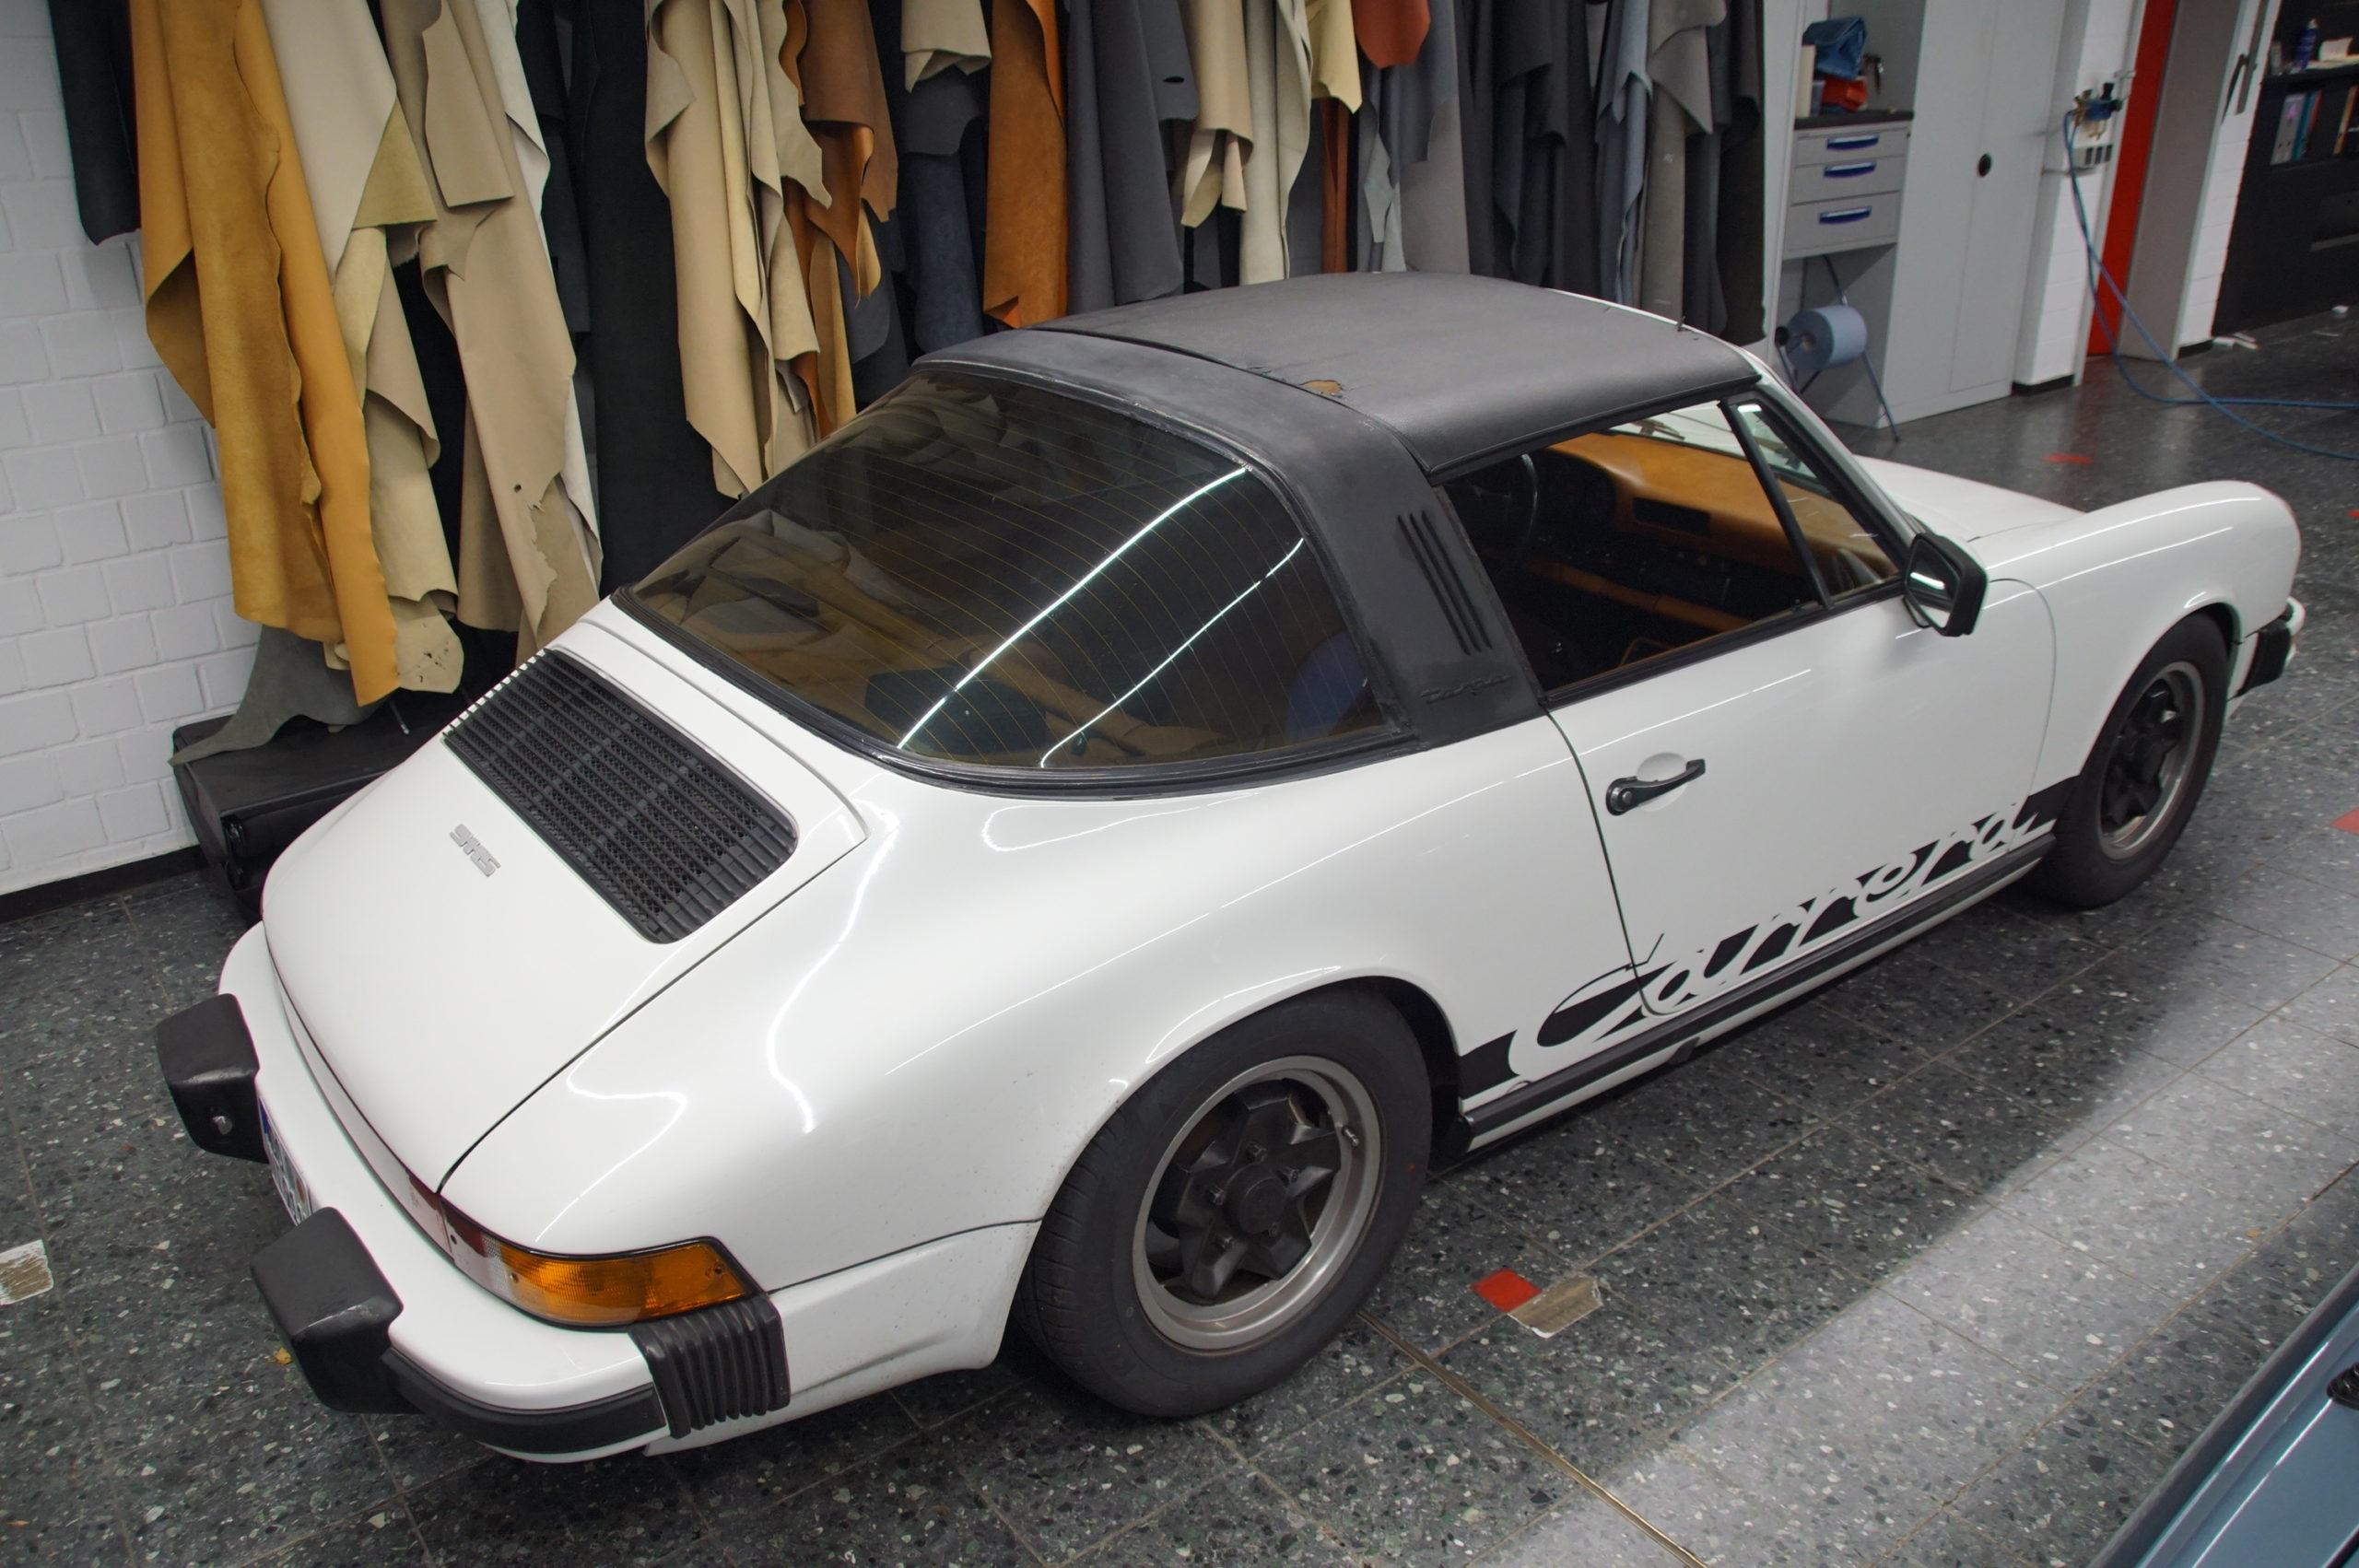 Porsche 911 targadach neu beziehen